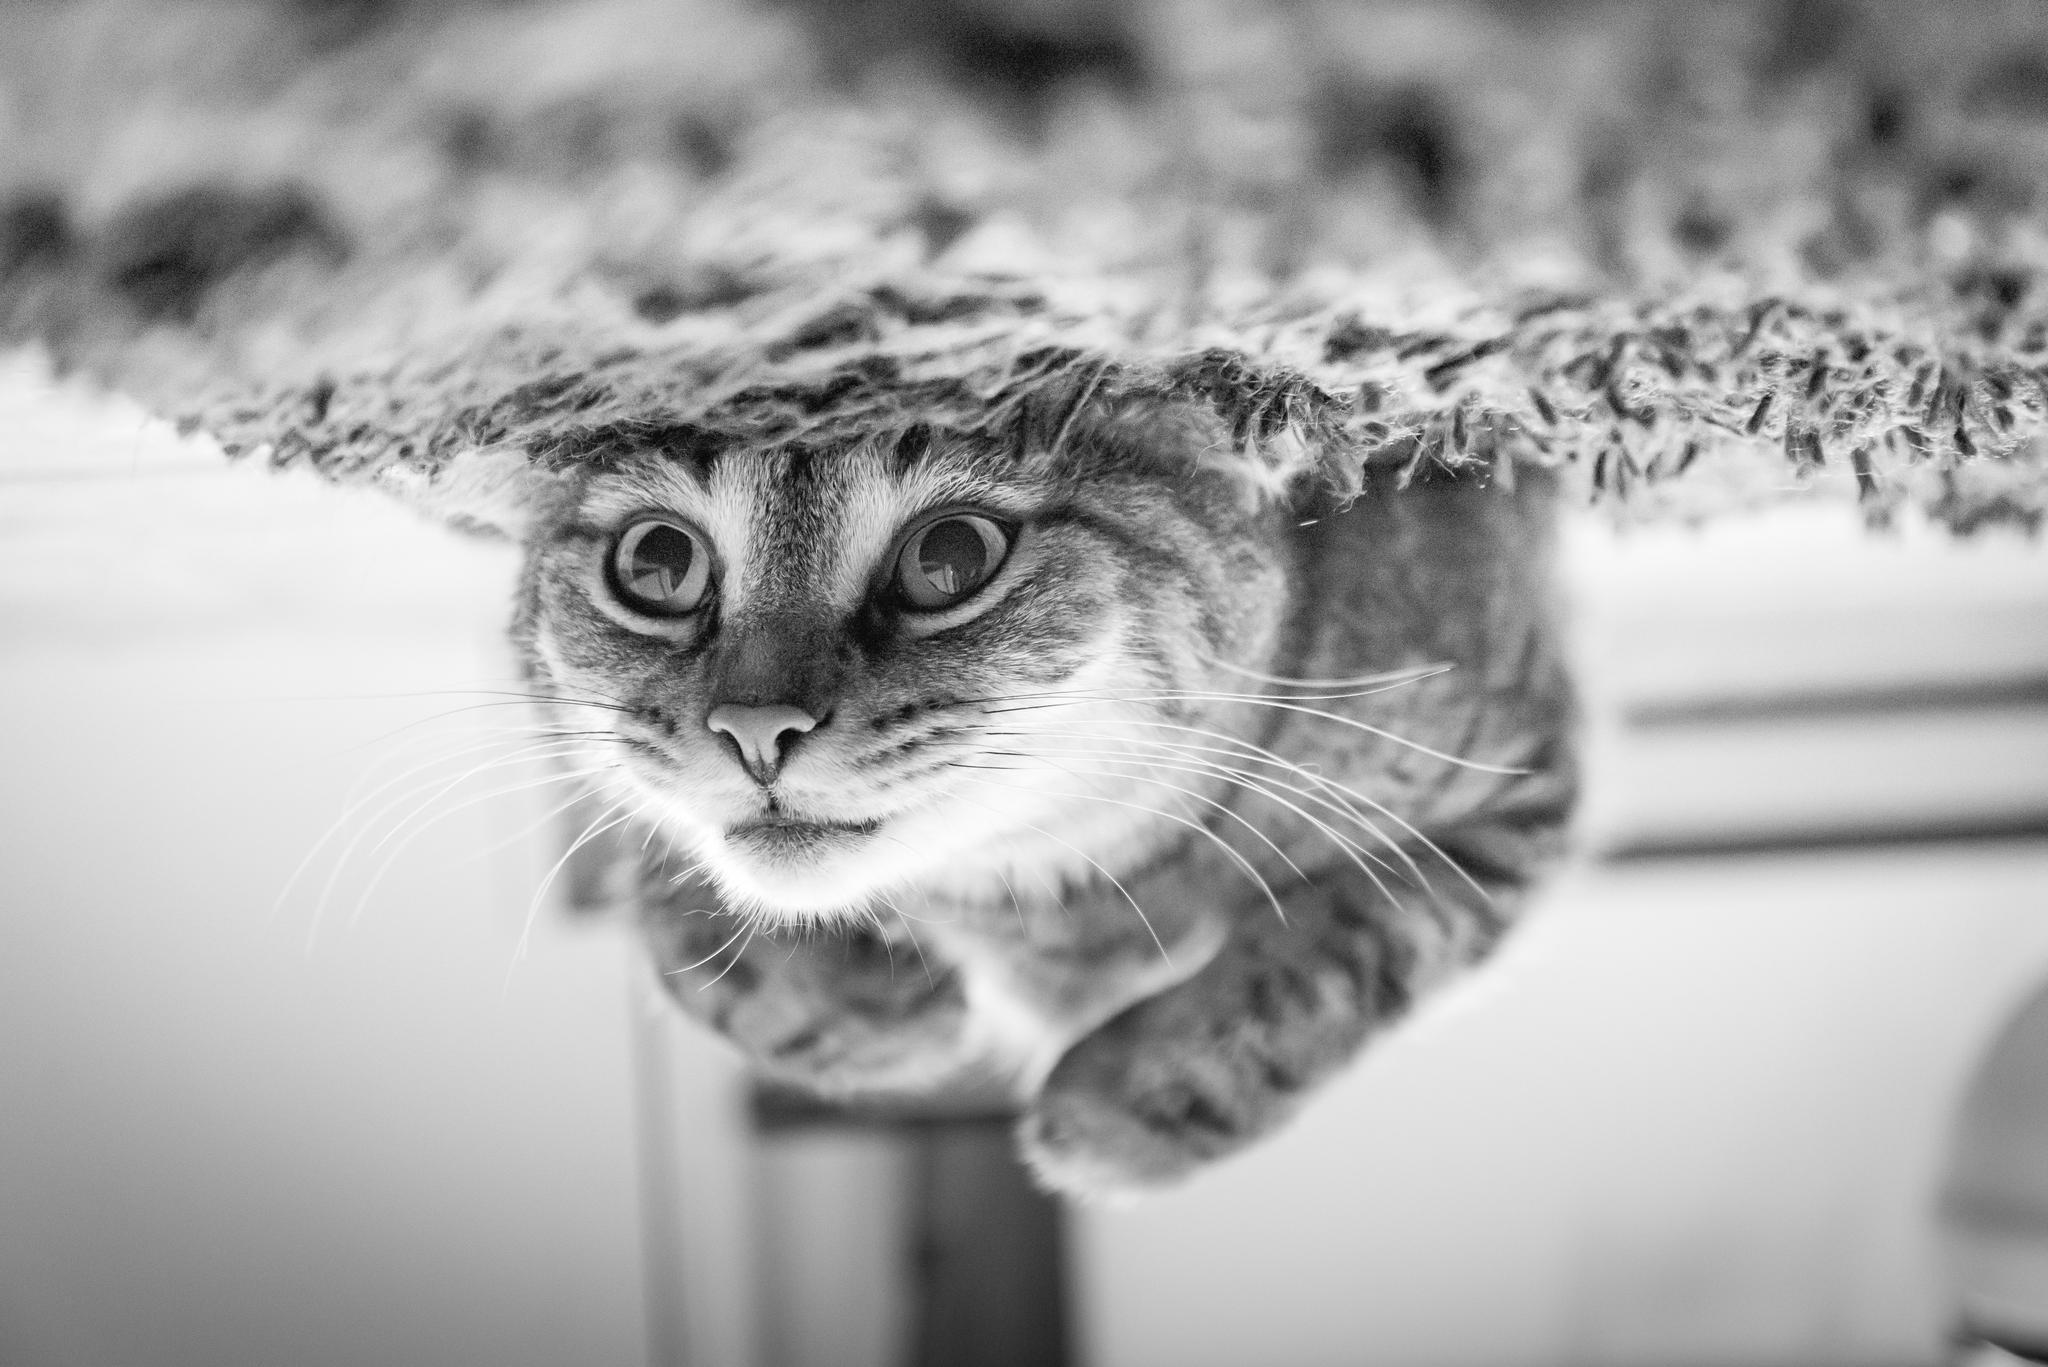 close up of cat